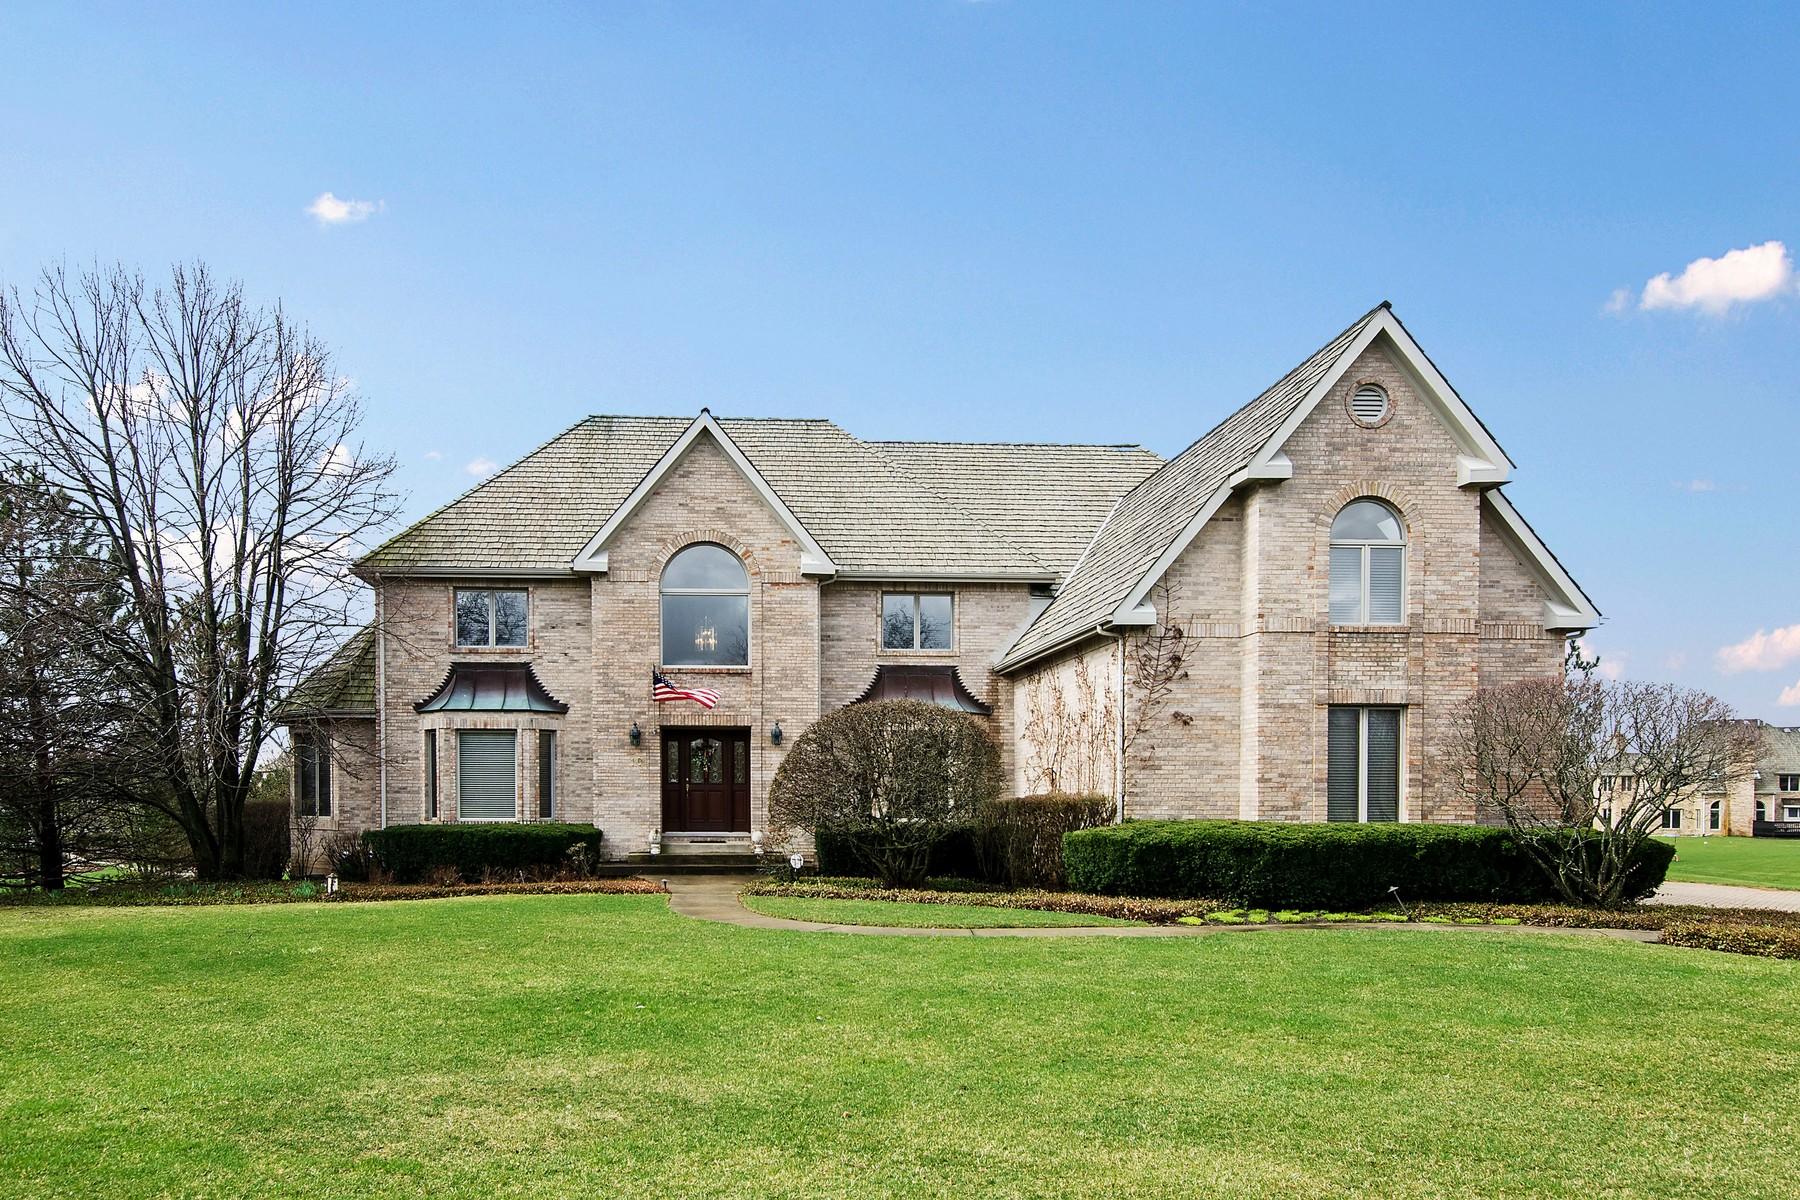 一戸建て のために 売買 アット Beautiful Two Story Home 10 Pembury Way South Barrington, イリノイ, 60010 アメリカ合衆国